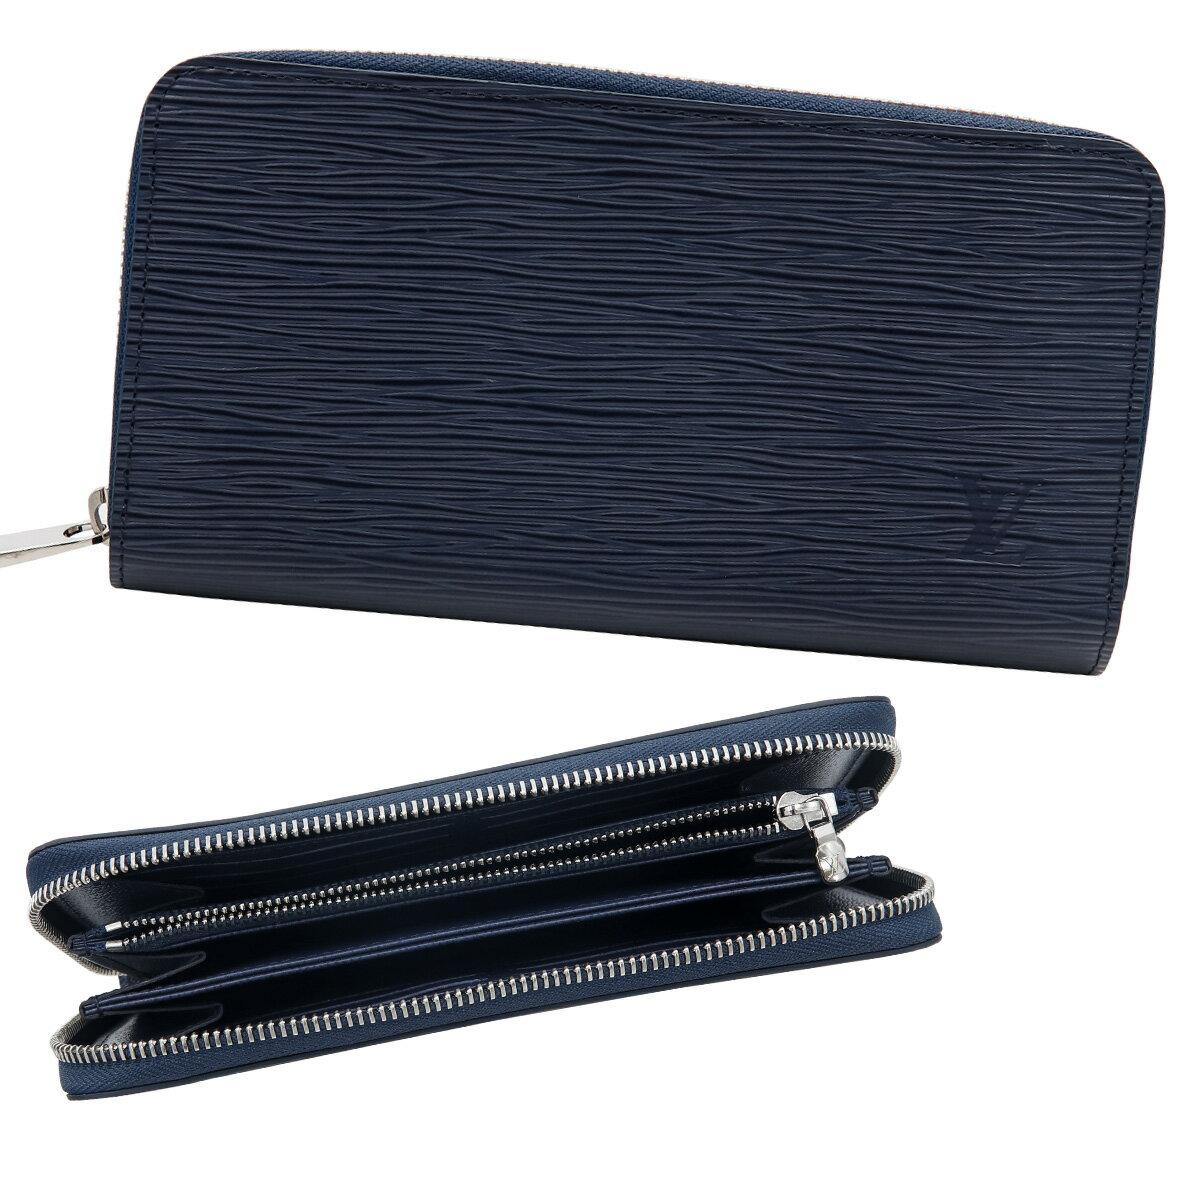 新品 新作 ルイヴィトン Louis Vuitton 財布 長財布 小銭入れあり メンズ レディース ラウンドファスナー エピ ジッピー・ウォレット アンディゴブルー M61873 正規品 セール 新生活 入学祝い 2018 ブランド品